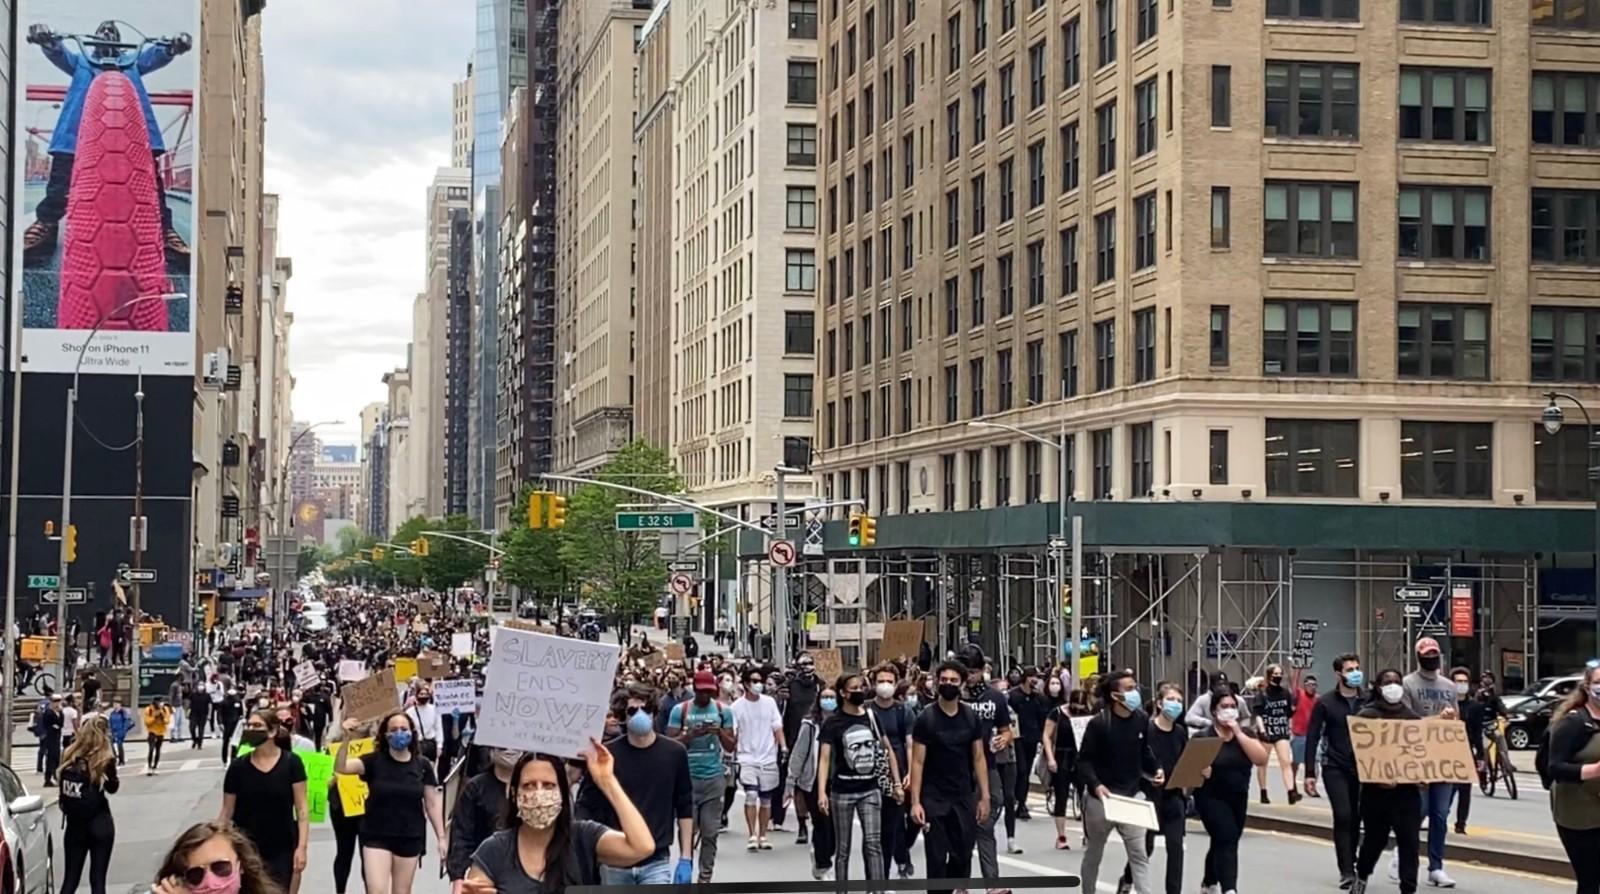 【图】纽约曼哈顿游行队伍望不到头 奢侈品店清空货品木板封门